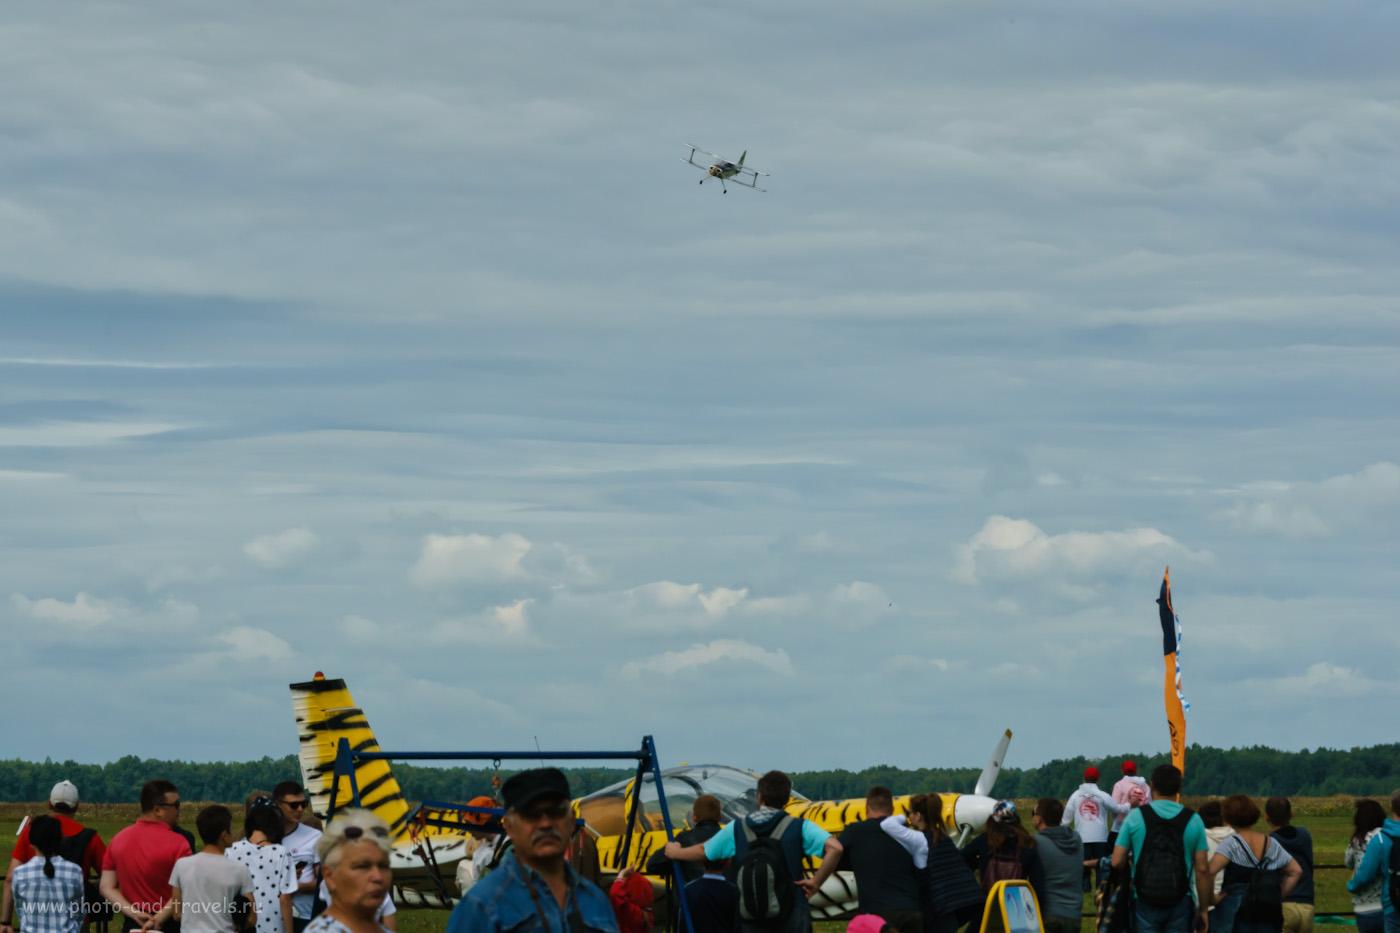 Фотография 5. Полеты авиамоделей на аэродроме в Логиново. Съемка на Sony A6000 с телеконвертером Nikon TC 14-E II и телеобъективом Nikon 70-200mm f/2.8. Настройки: 1/640, +0.7 EV, ISO 500.